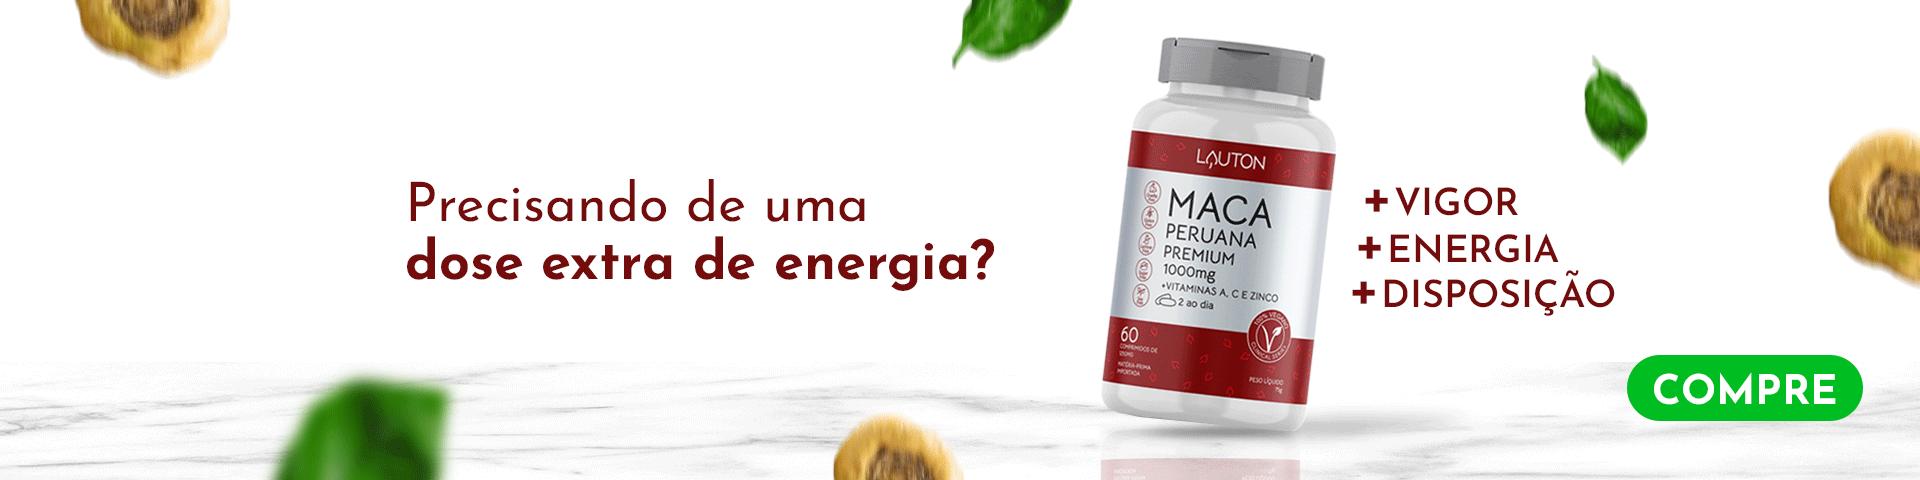 Maca Peruana Premium - Lauton Nutrition 2021